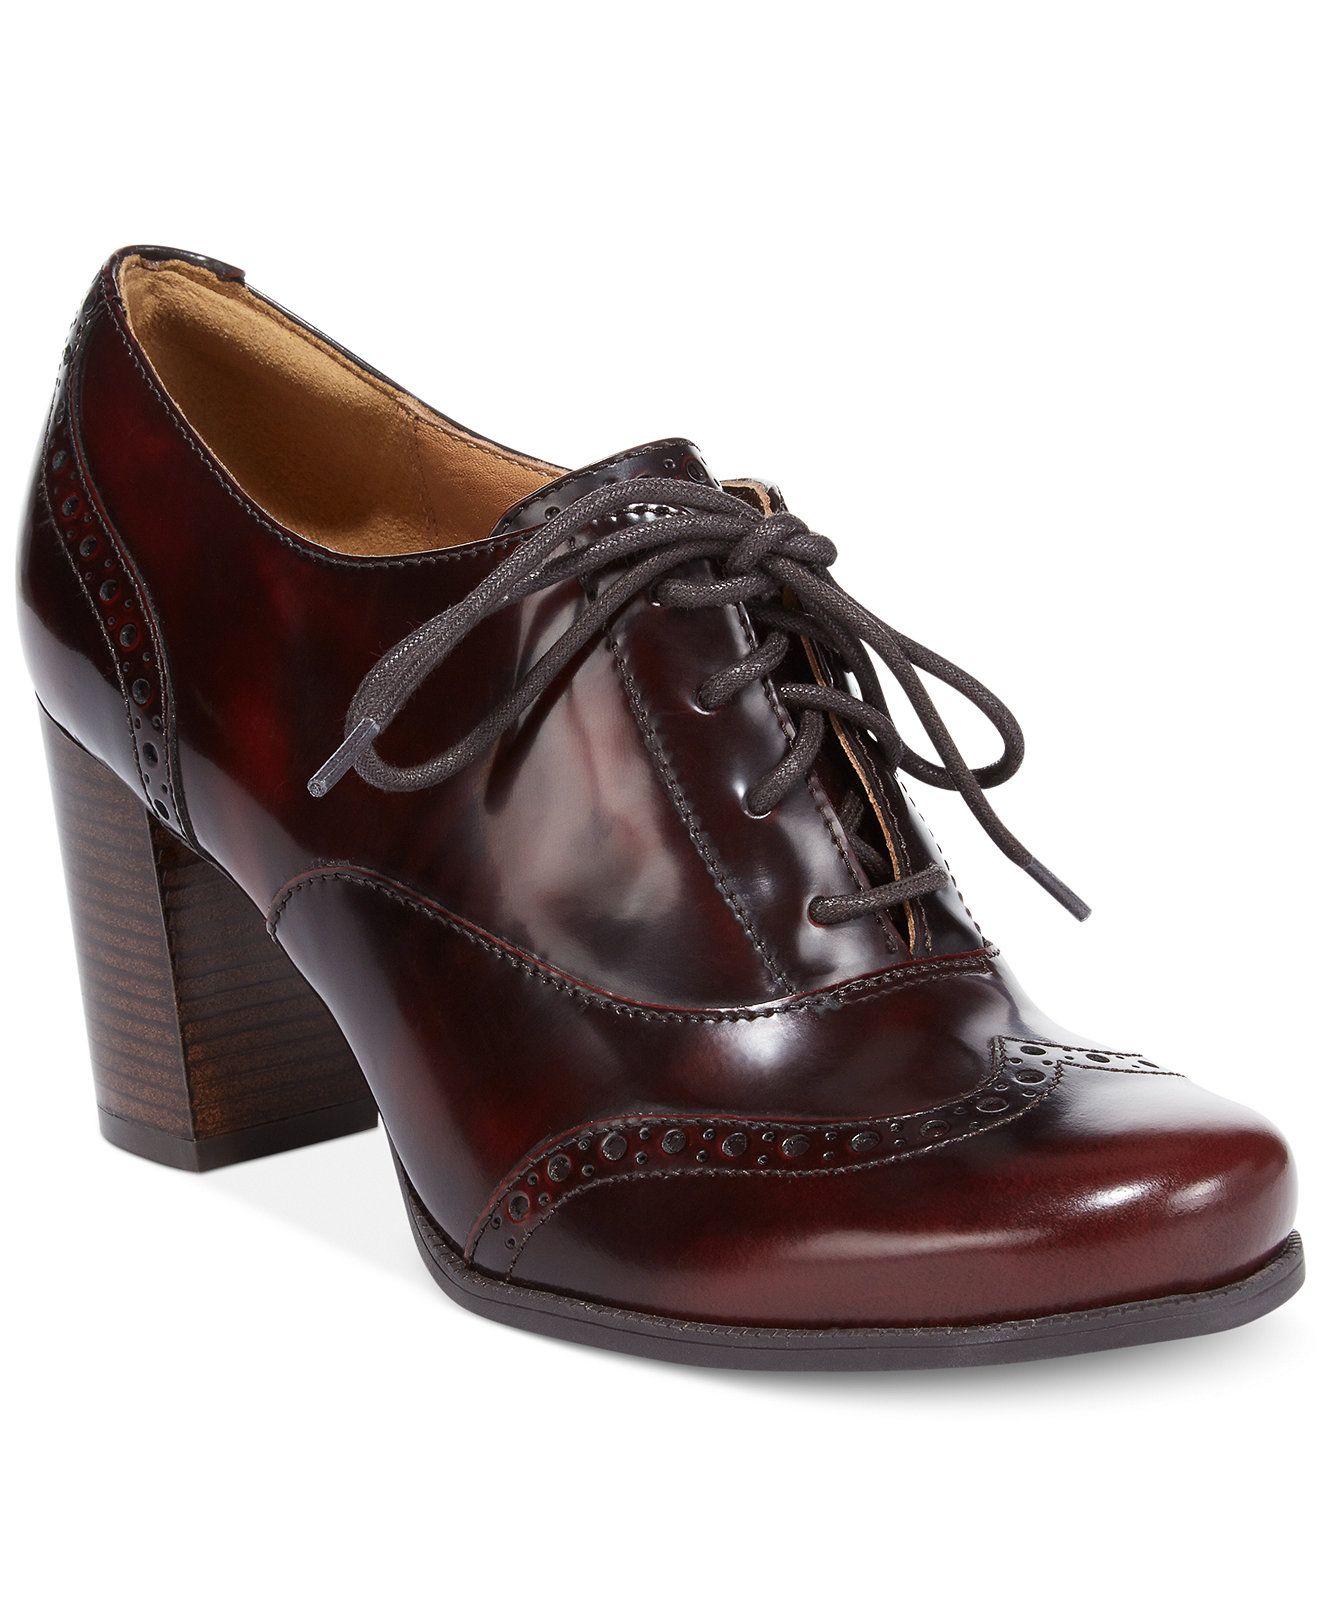 Clarks Artisan Women's Ciera Pier Pumps Shoes Macy's